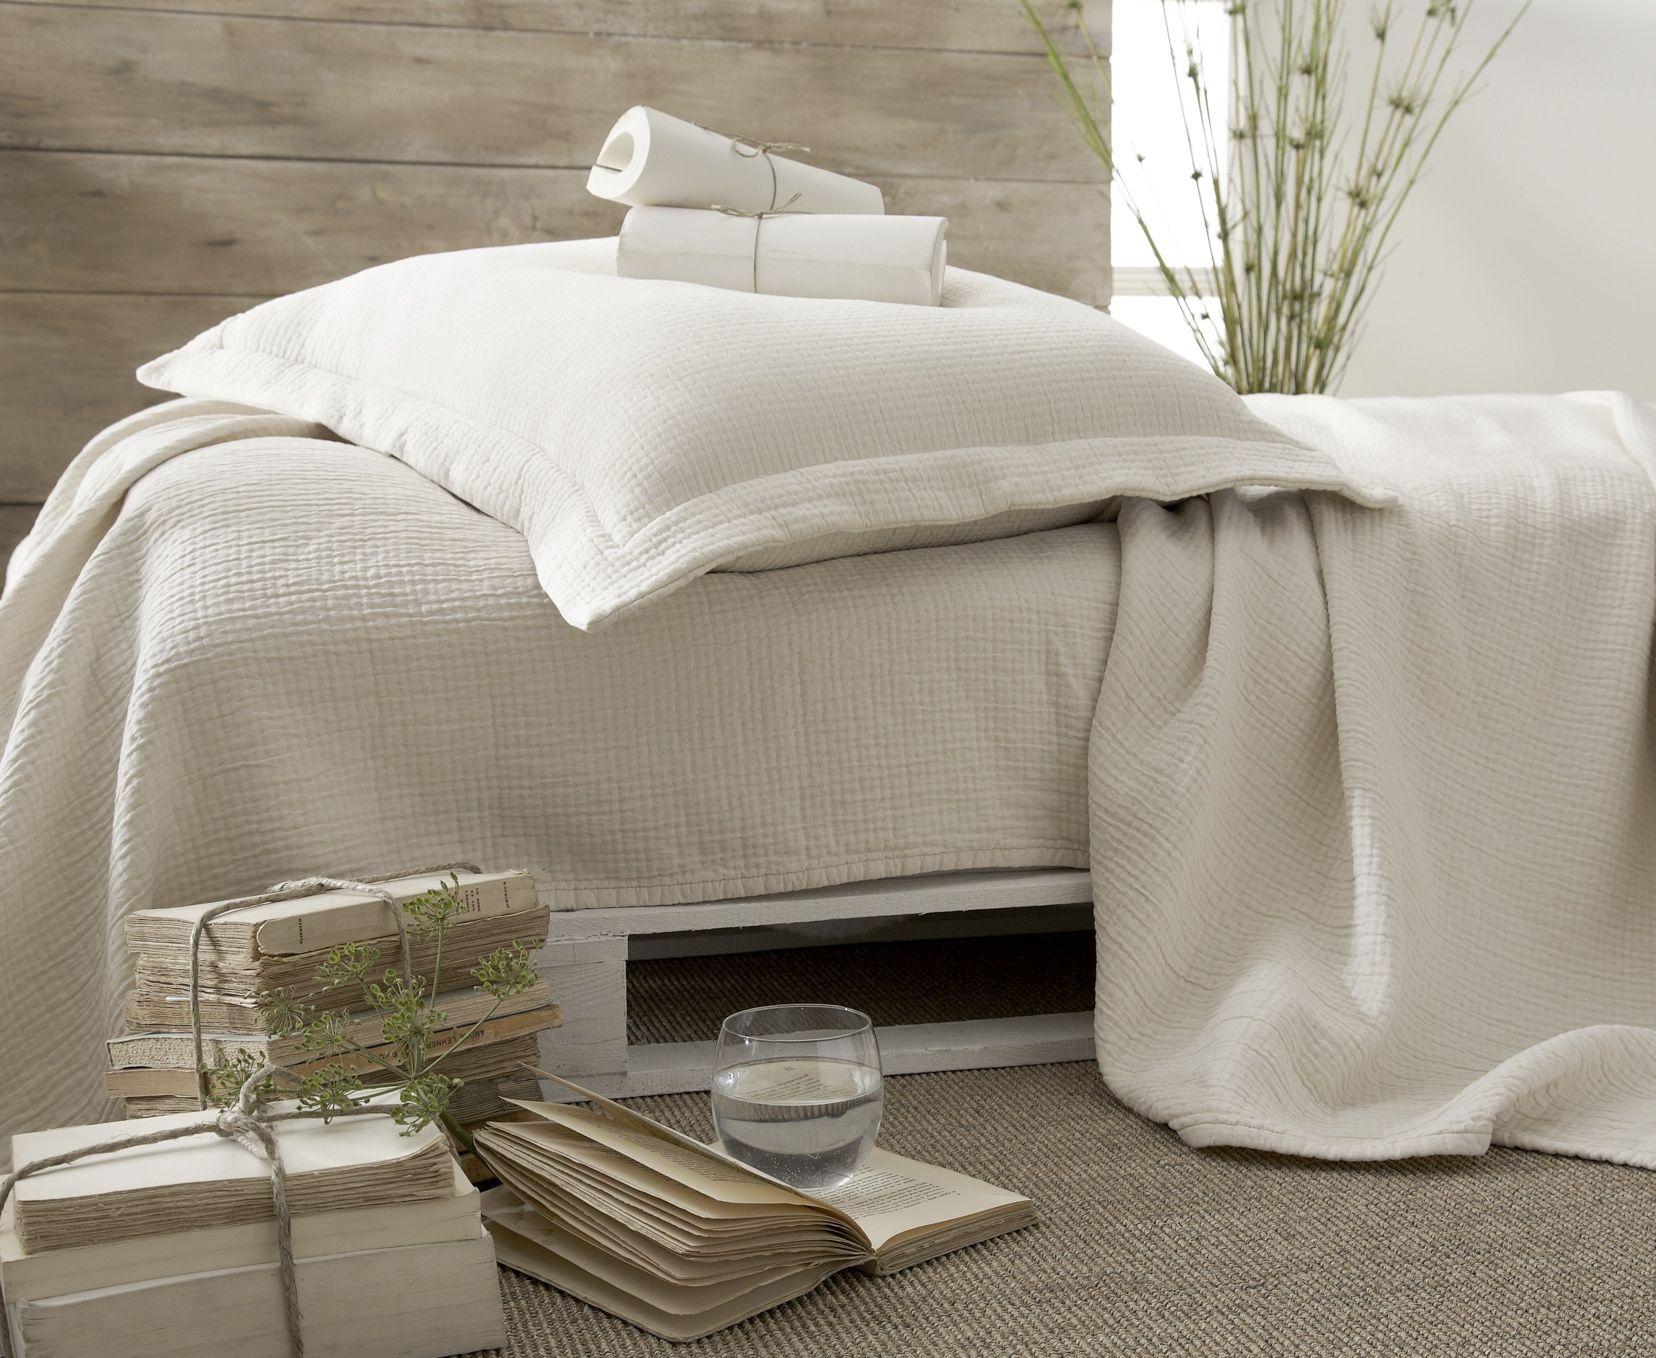 couvre lit coton bio Un couvre lit en coton bio! http://.sogreendesign.com/fr  couvre lit coton bio